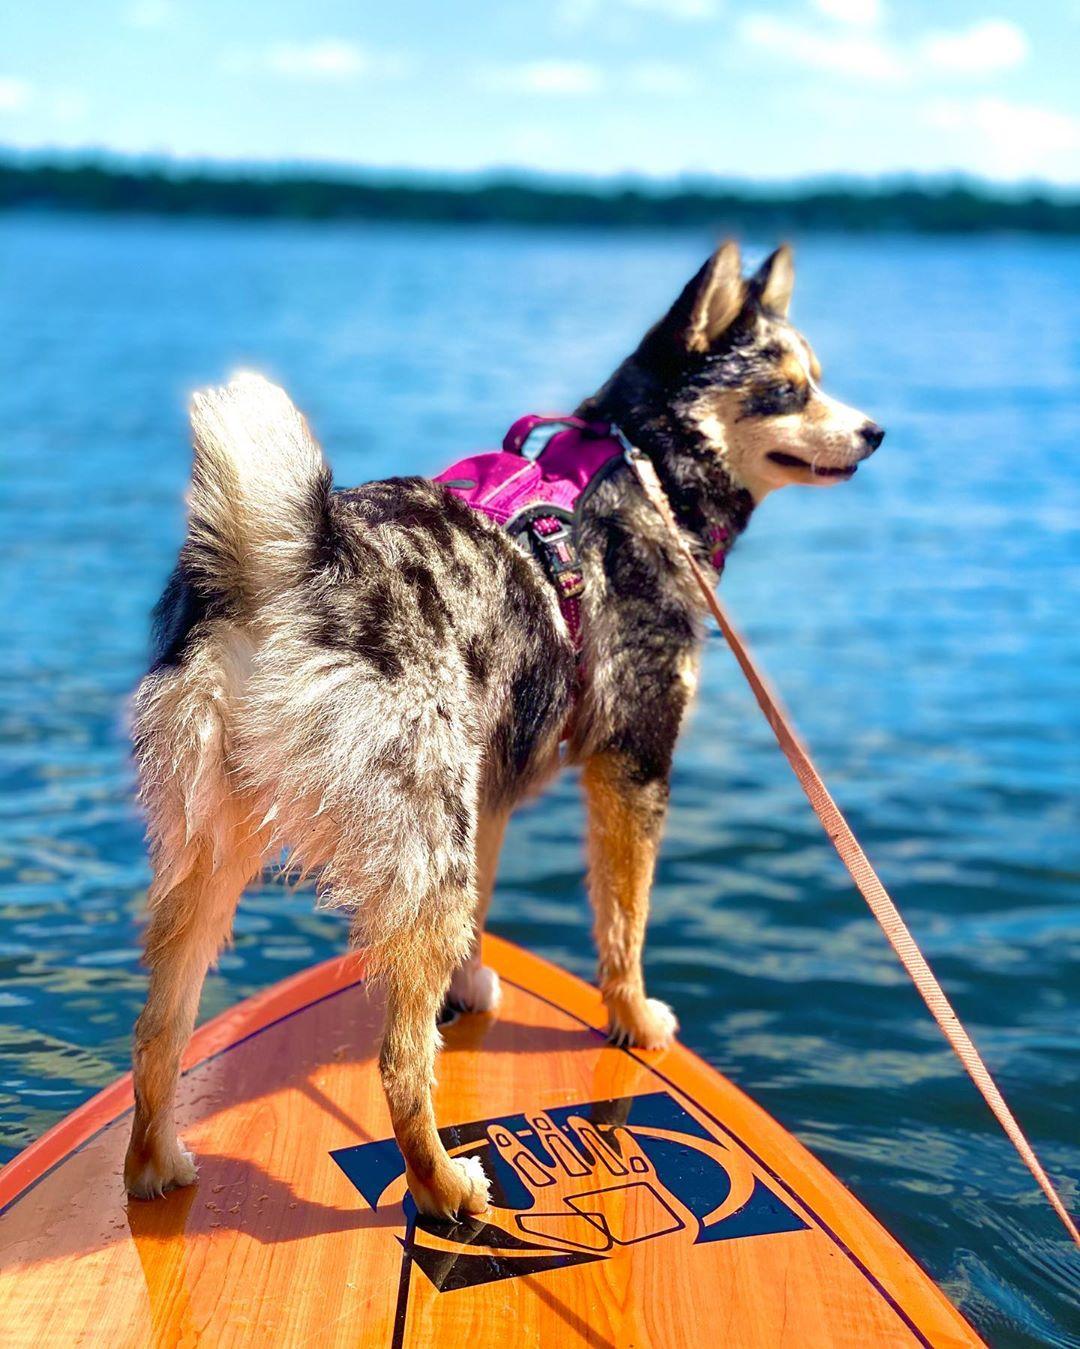 Помски (собака): описание породы, характер